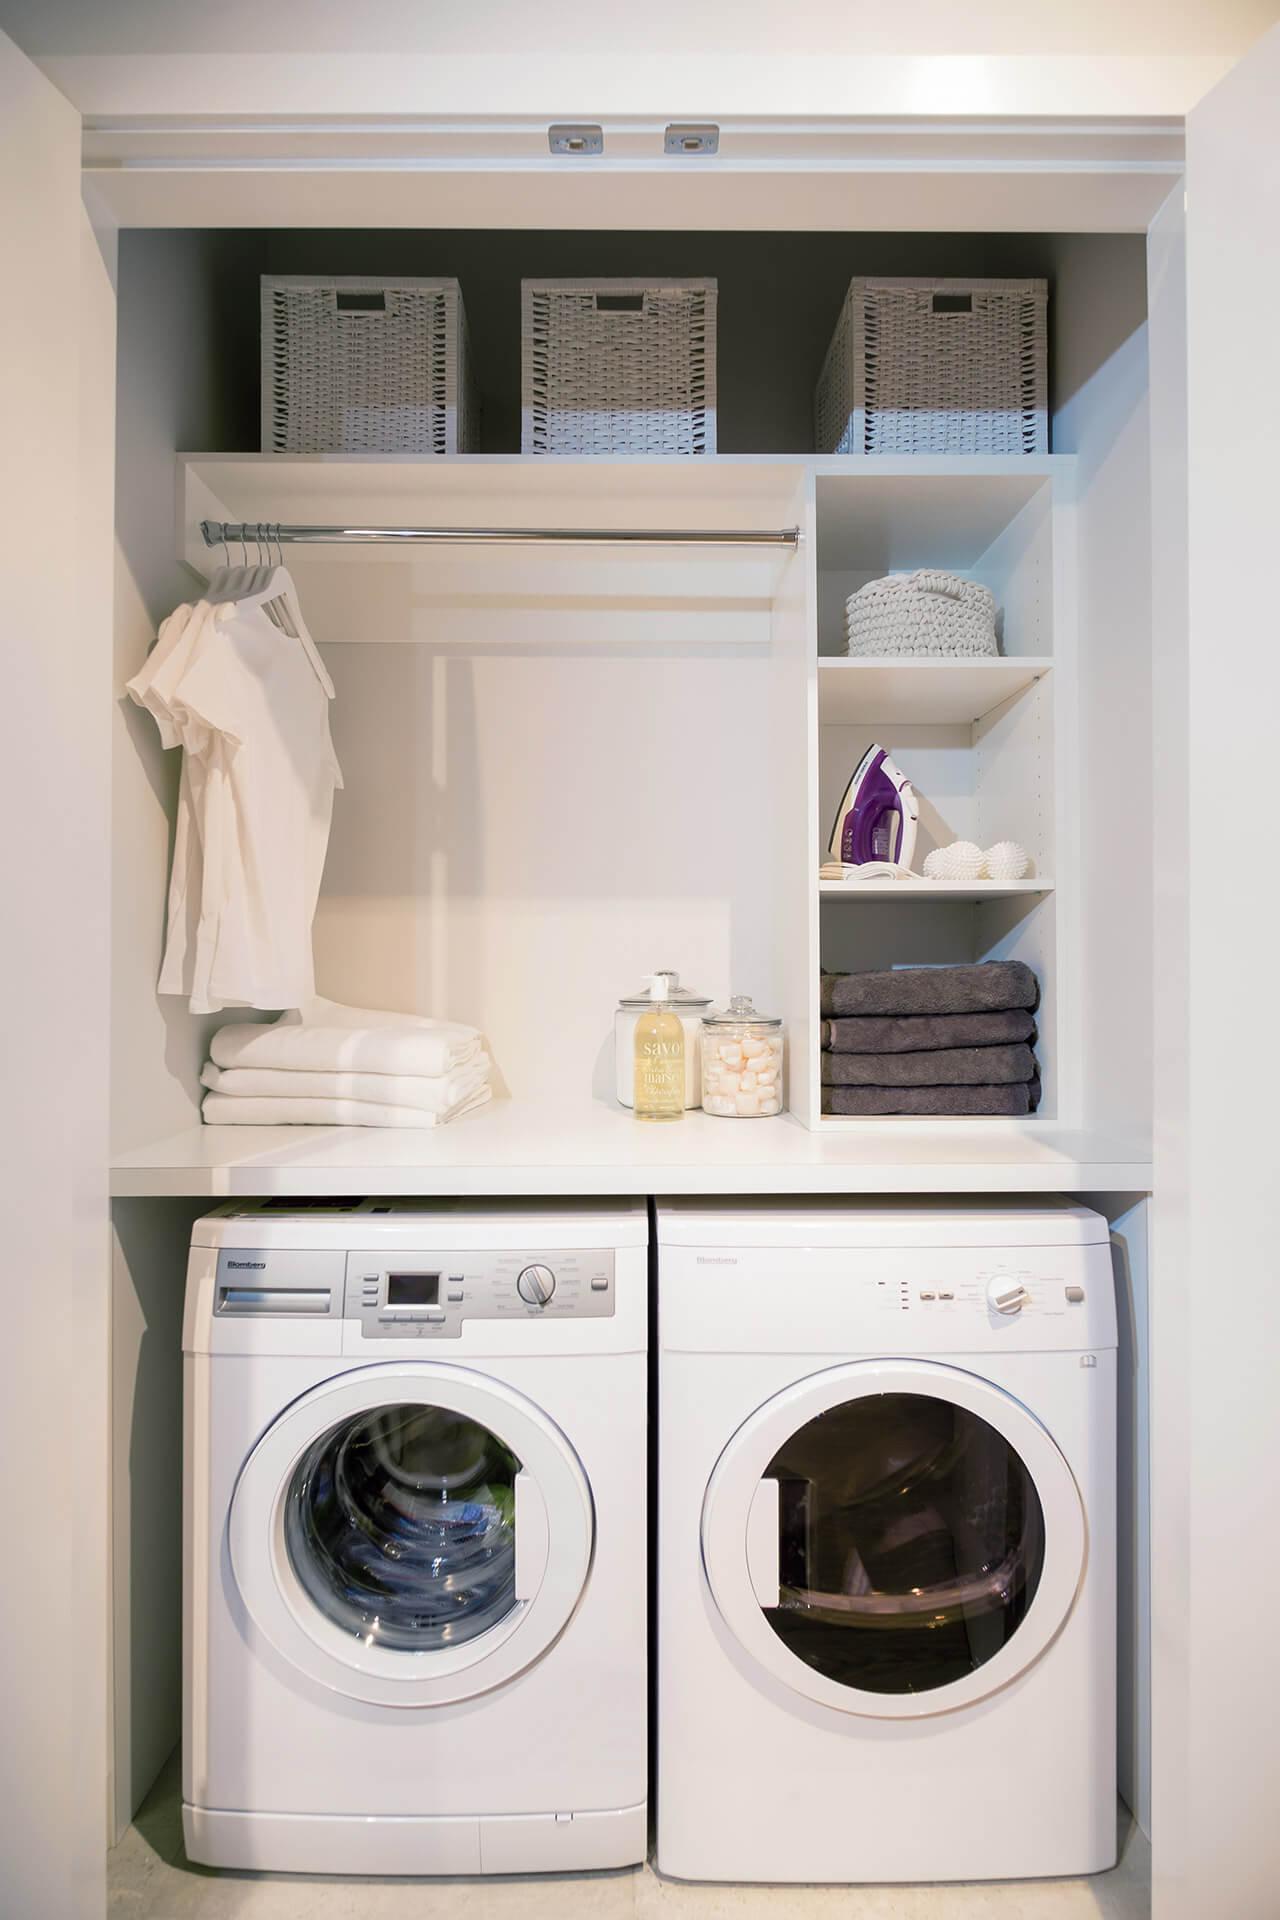 The Yates on Yates Display Laundry Closet!